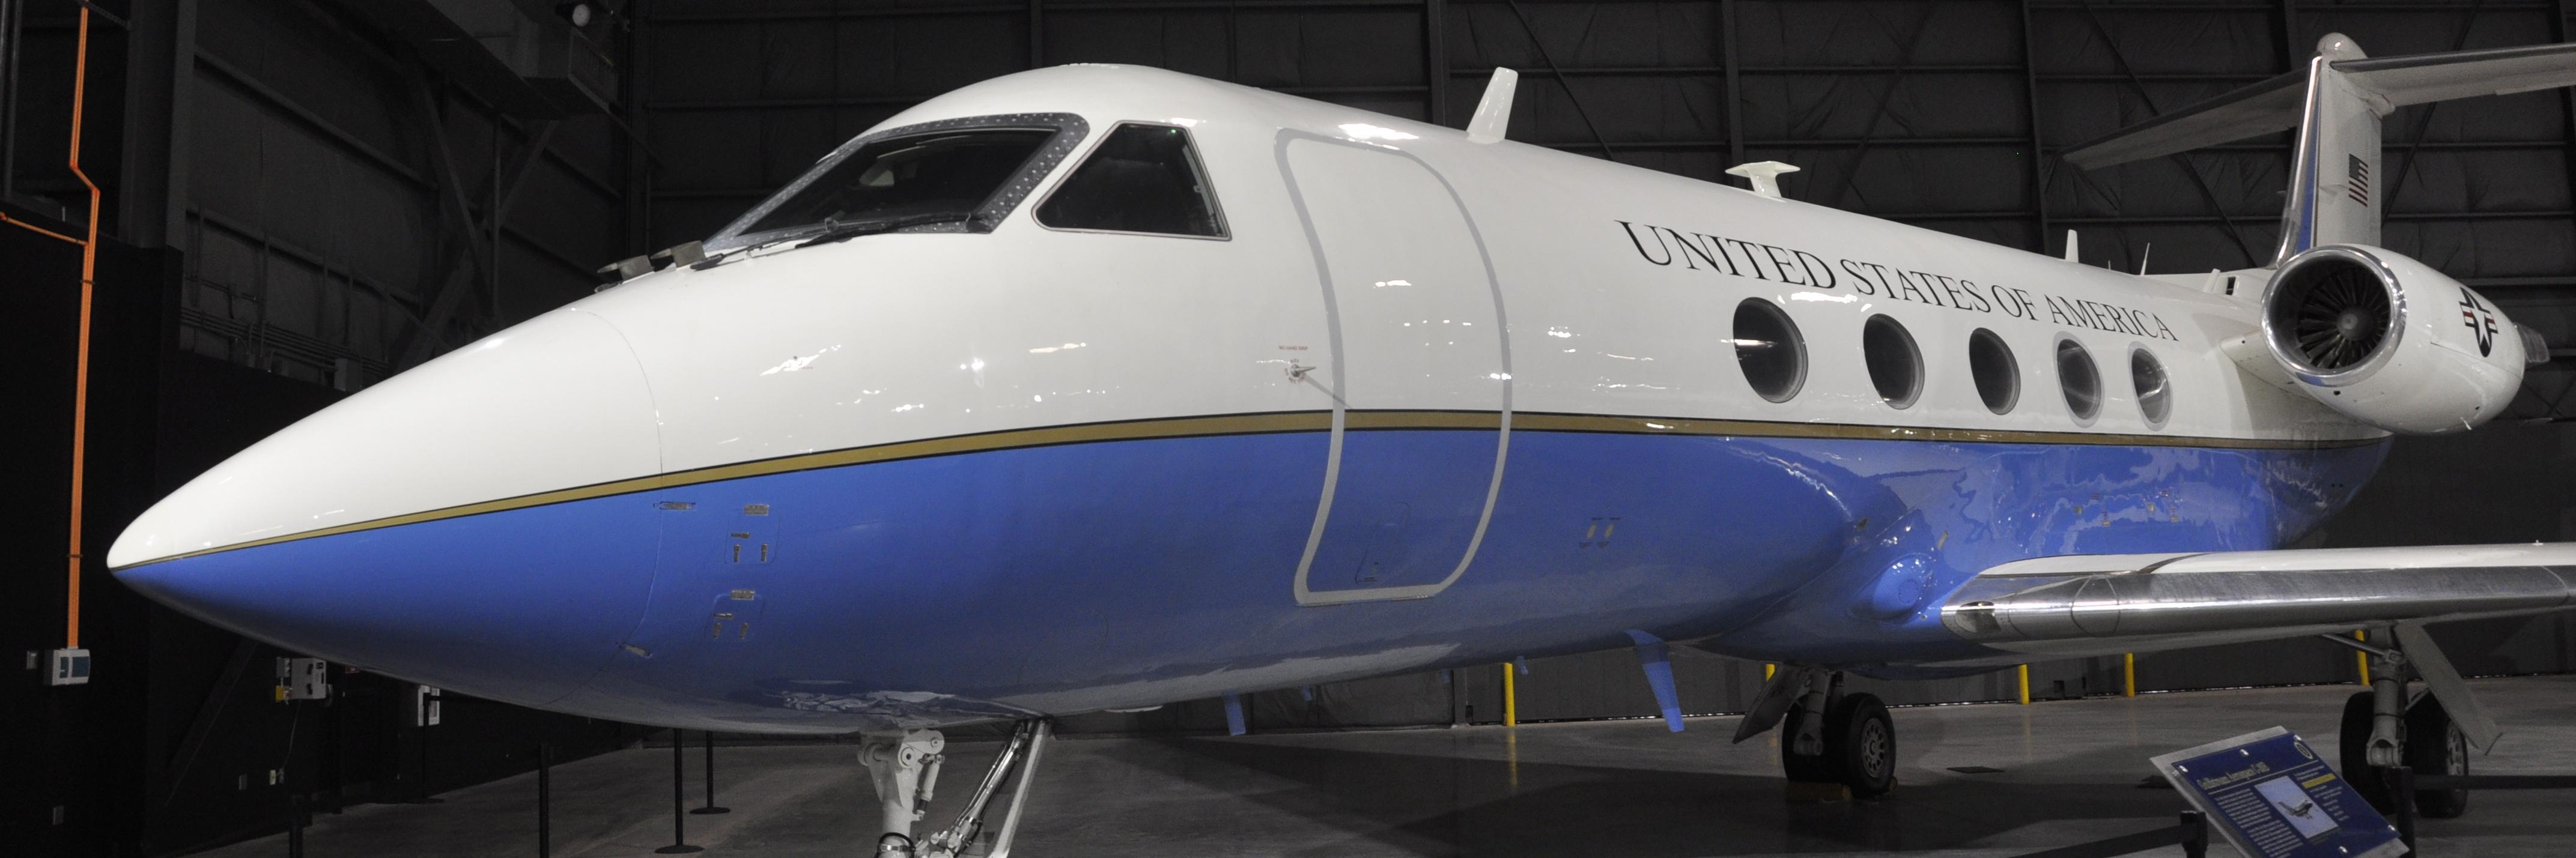 【美国生活】博物馆系列之美国空军国家博物馆,最大的空军博物馆